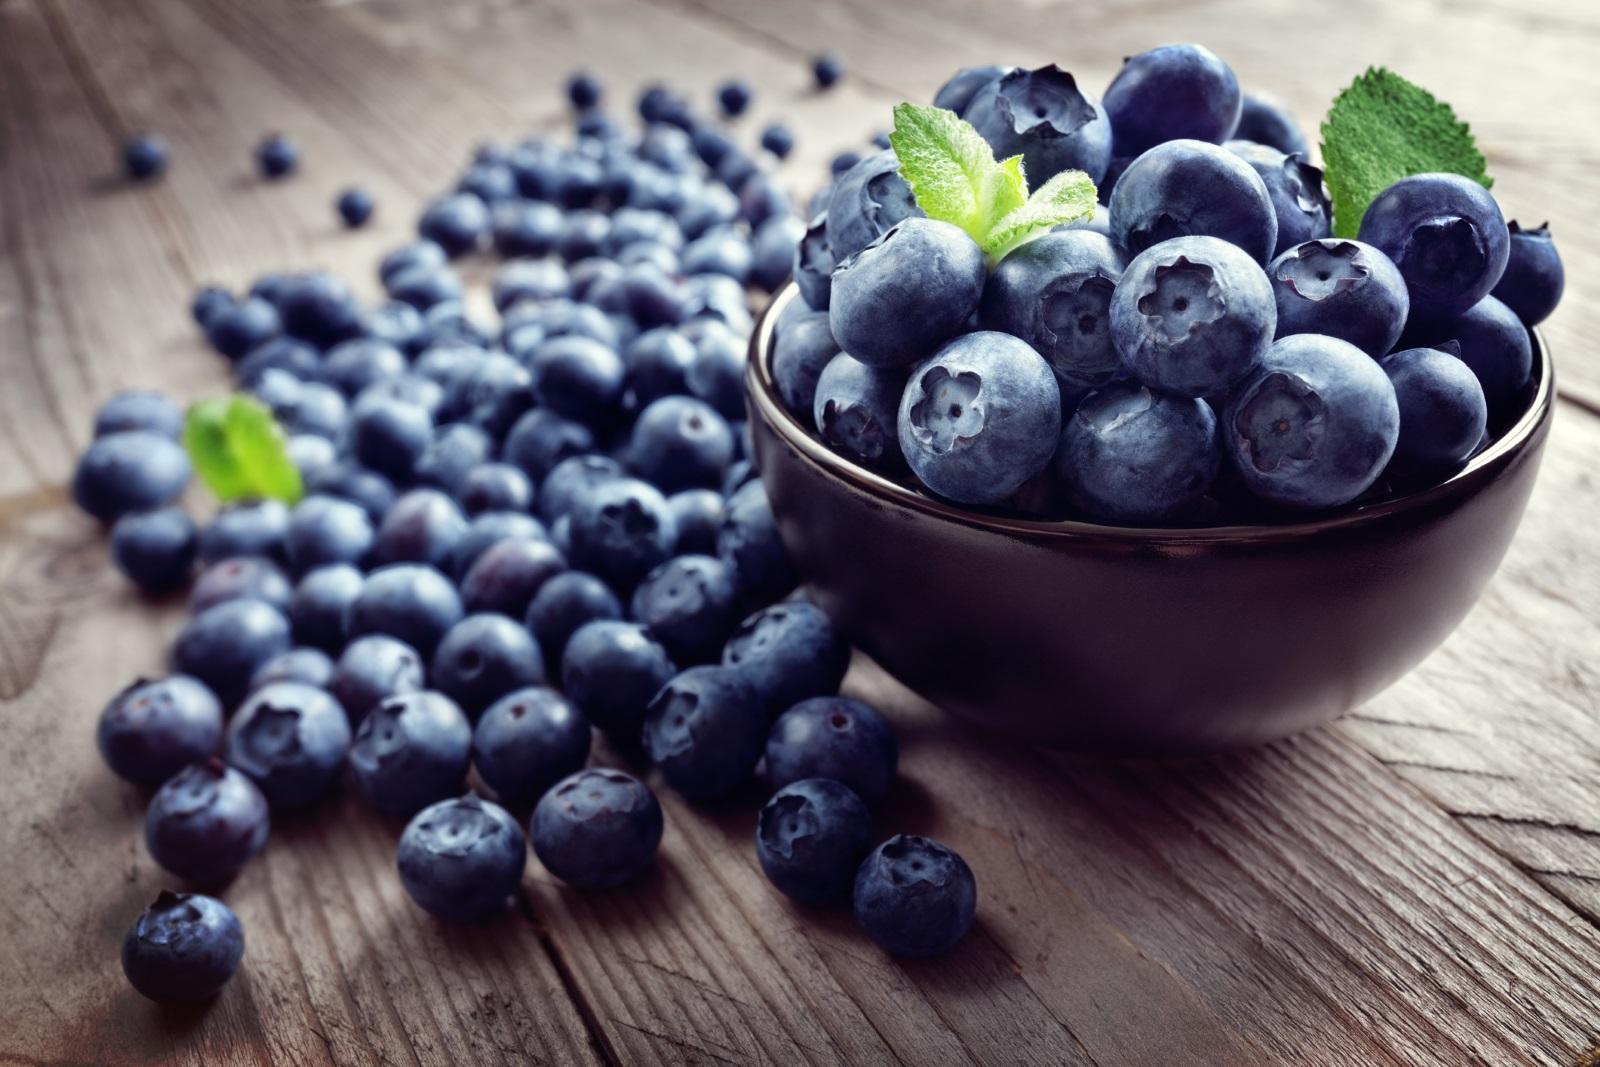 <p><strong>Боровинки</strong></p>  <p>Те имат впечатляващ хранителен профил и са особено богати на фибри, витамин С, витамин К и манган. Боровинките също имат изключително високо съдържание на антиоксиданти и са известни с мощното си въздействие върху имунната система.</p>